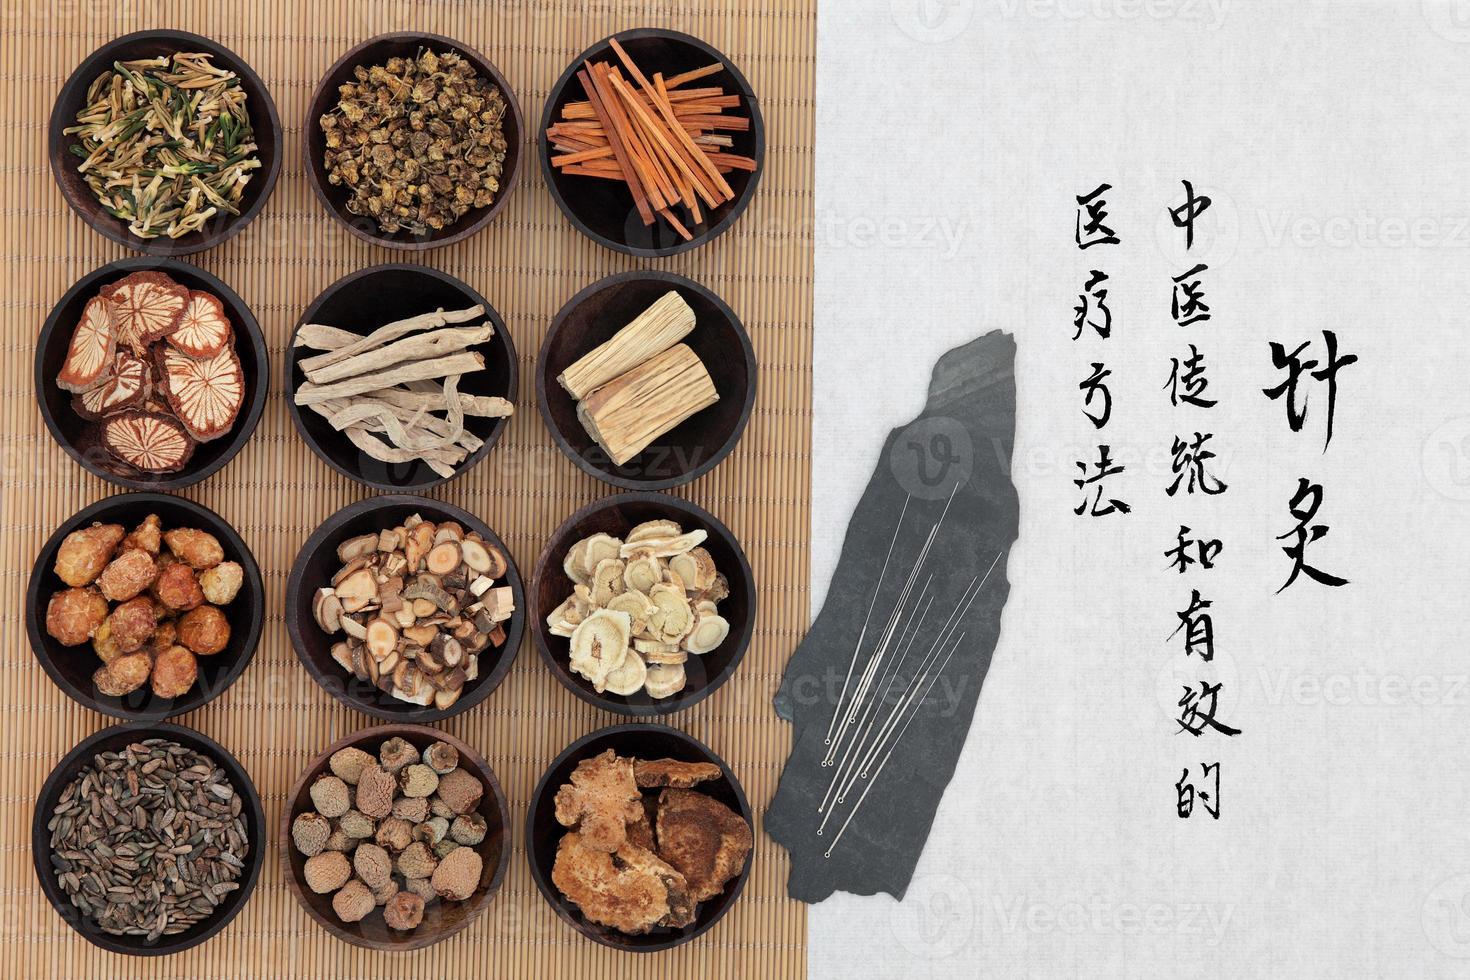 Medicina tradizionale cinese foto